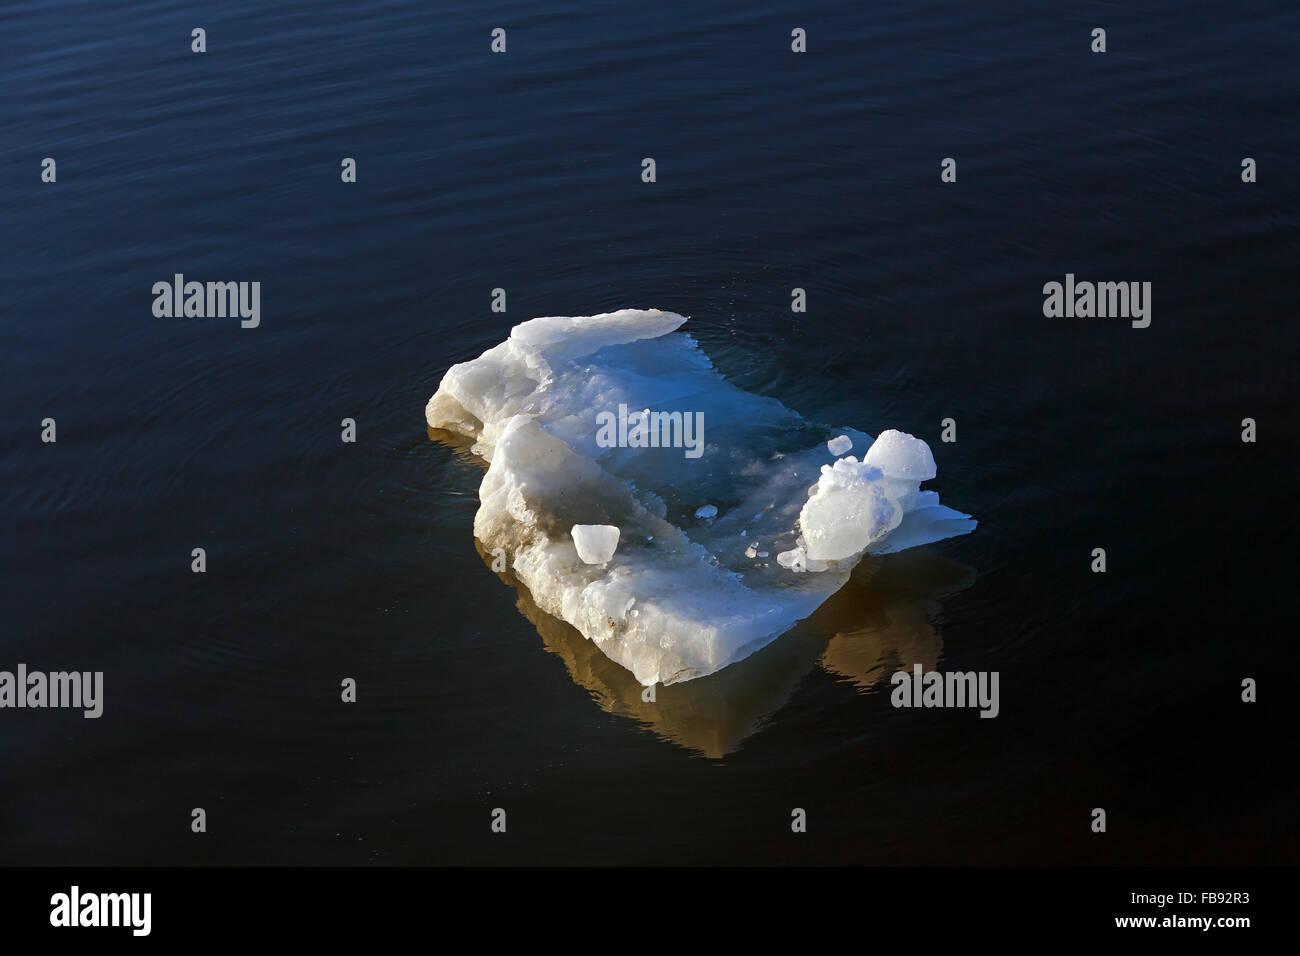 Melting ice floe drifting in Polar ocean - Stock Image